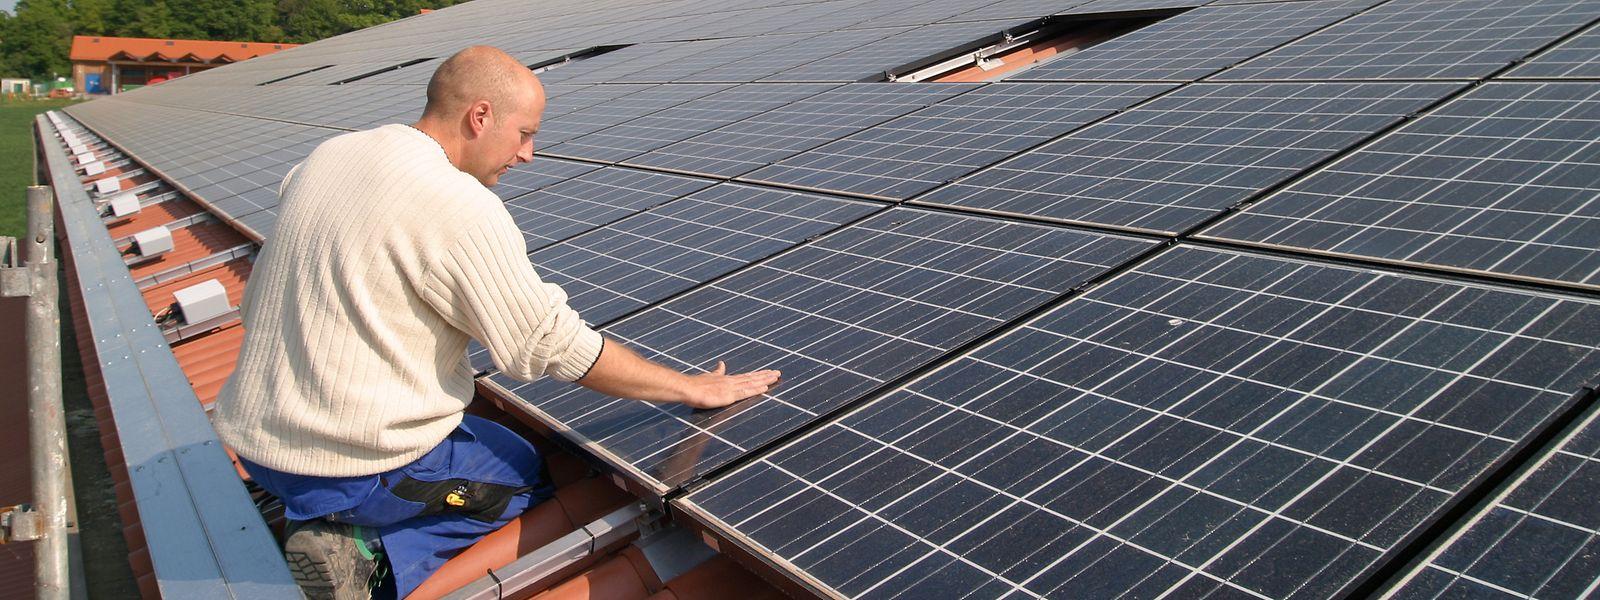 Depuis le 1er janvier, on peut bénéficier de sa propre énergie sans avoir à payer de taxes.